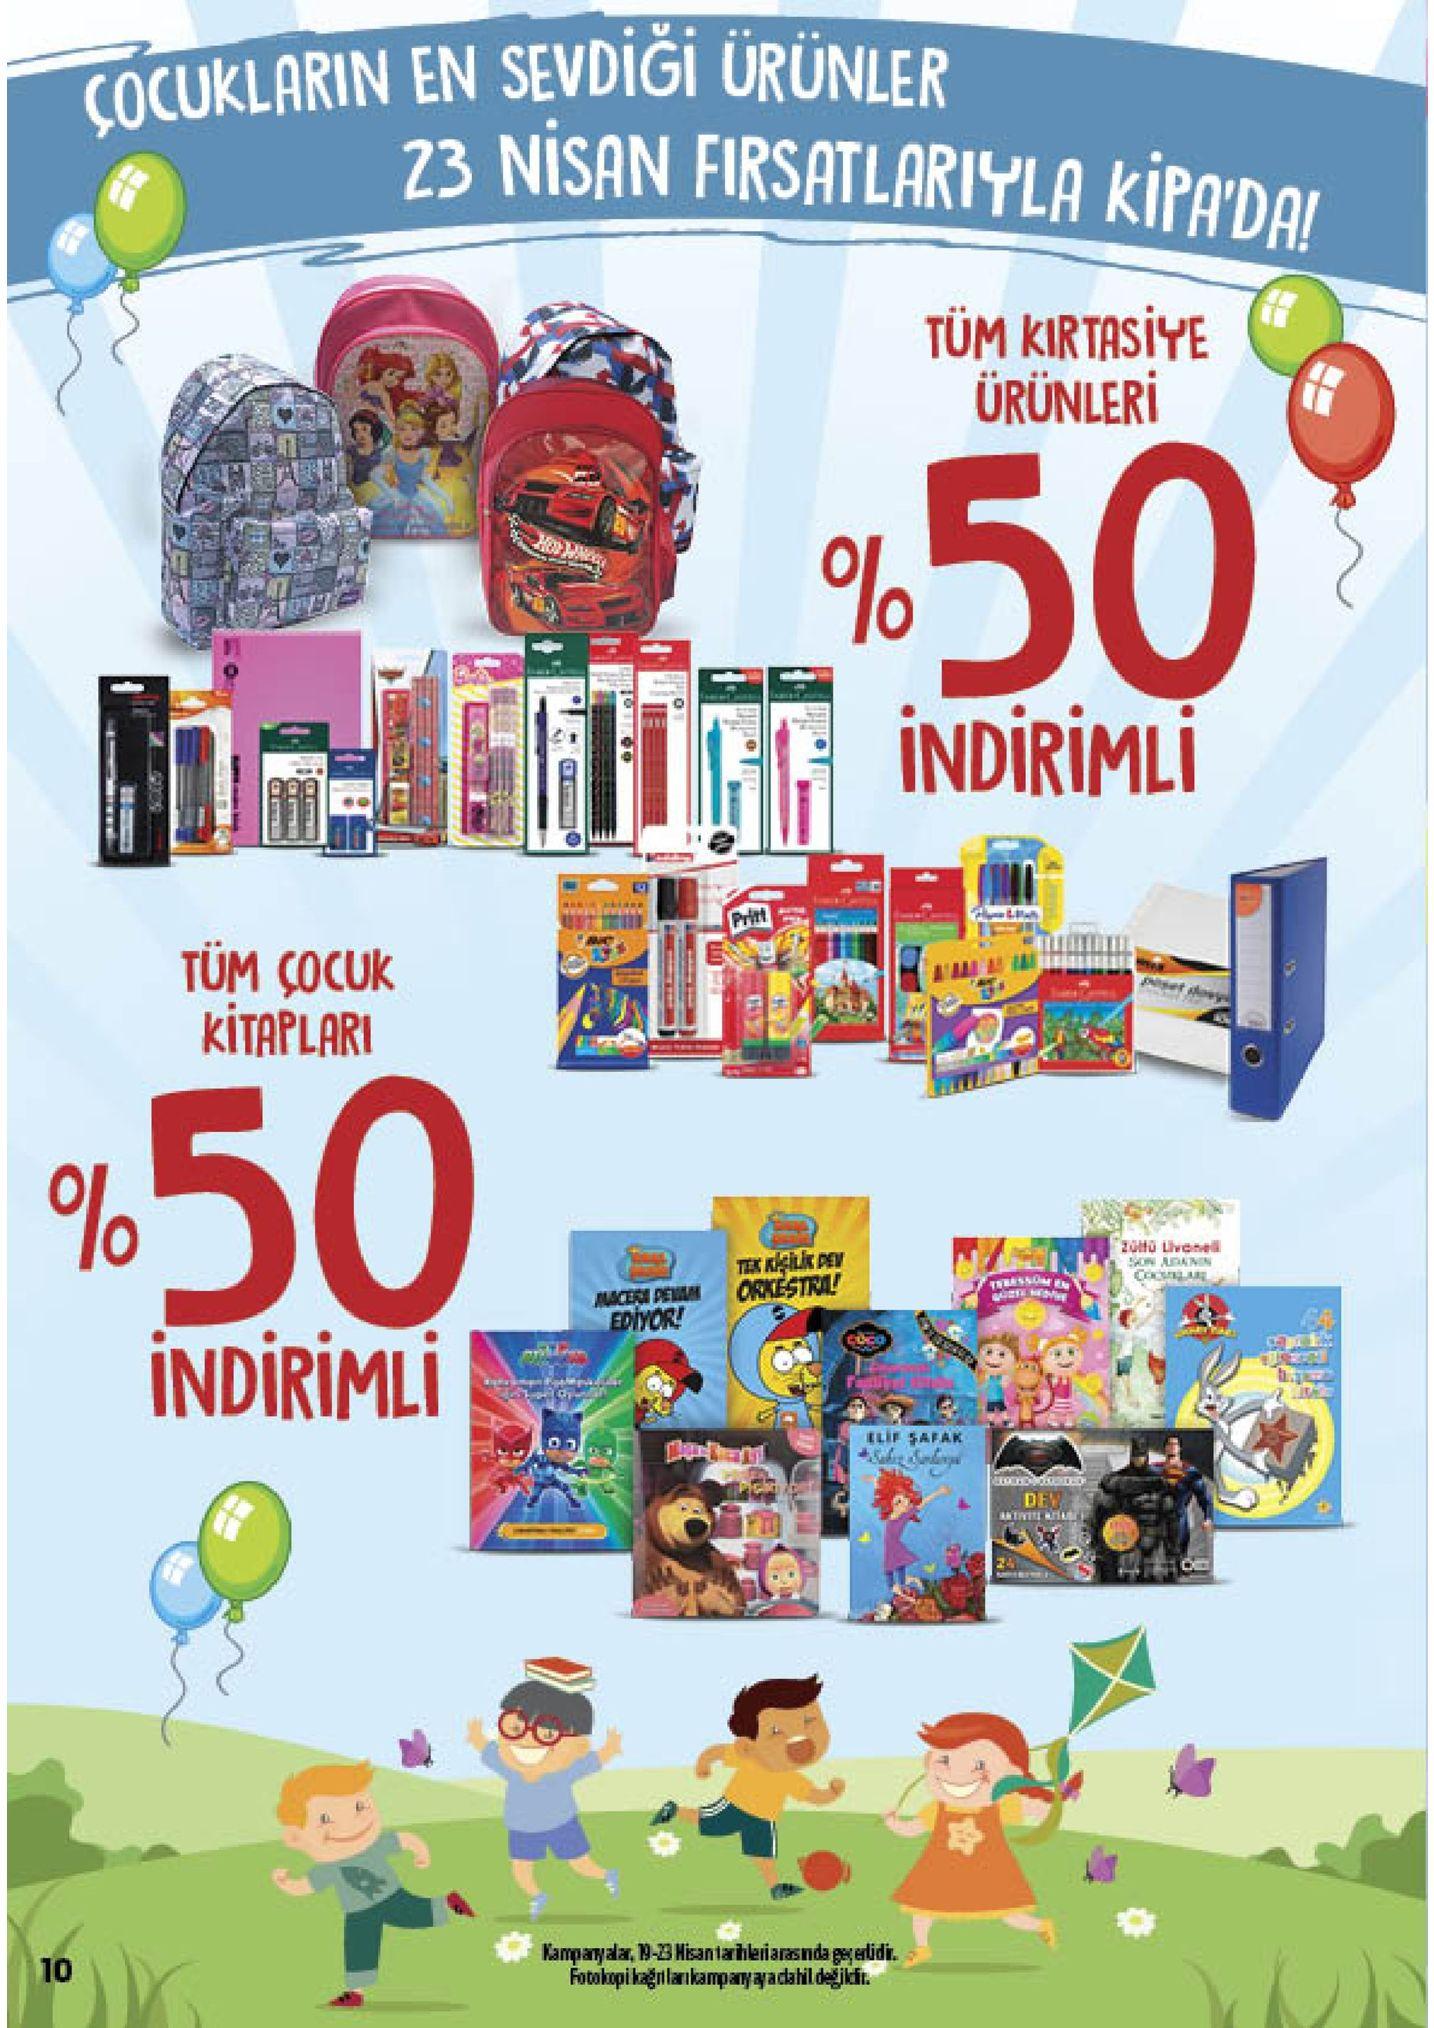 çocuklarin en sevdigi ürünler 23 nisan firsatlariyla kpada, tum kirtasiye ürünleri 1:11. indirimli tum cocuk kitaplar 50 ediyor! indiriml de 10